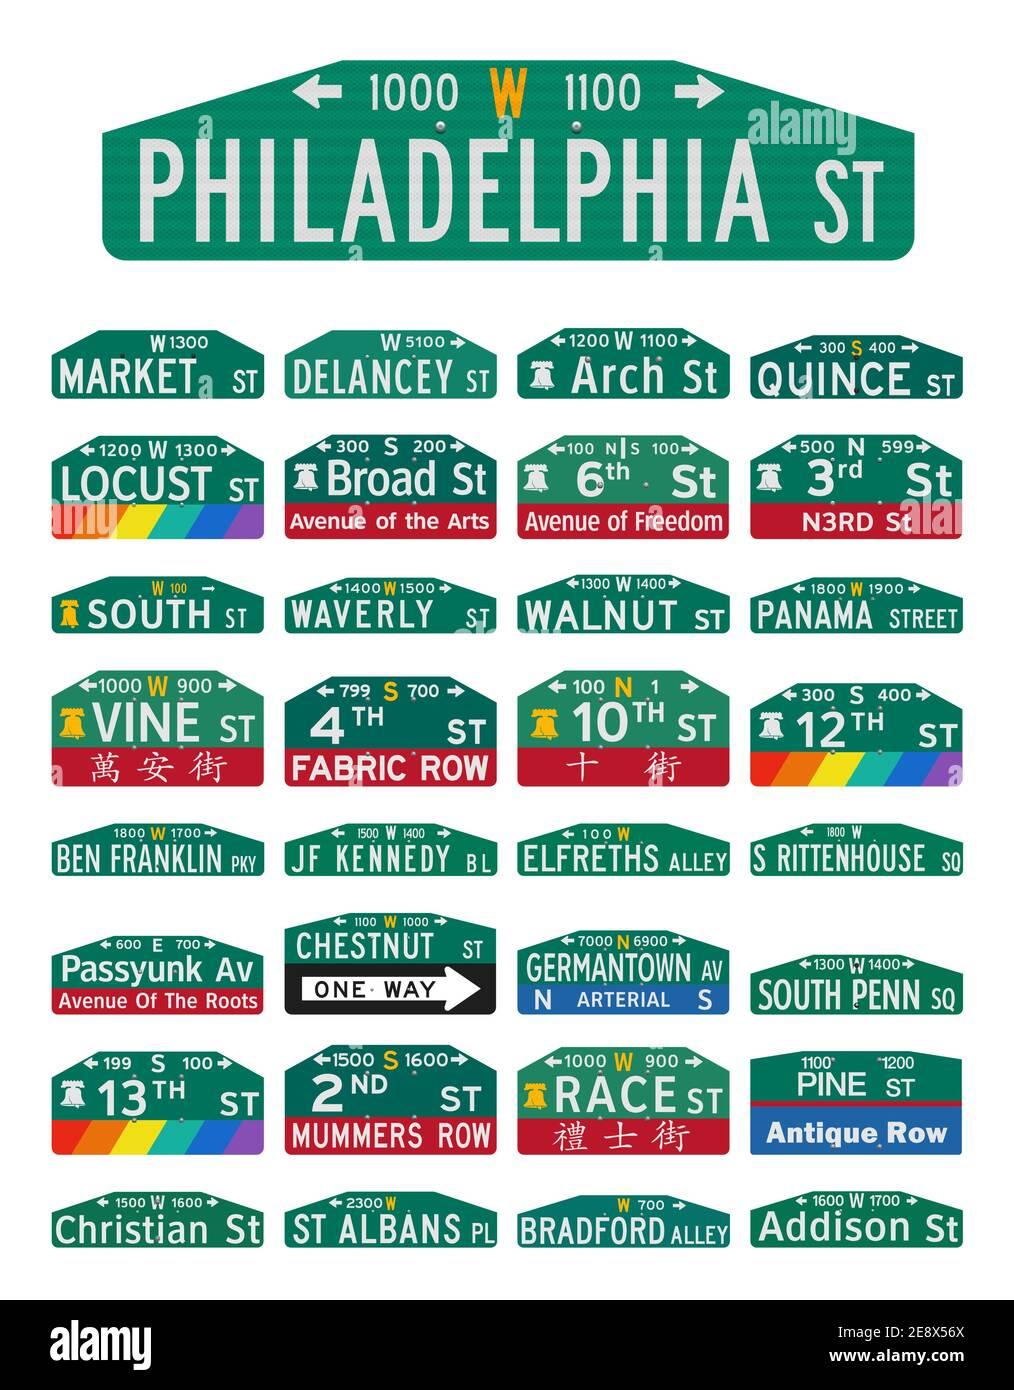 Vektor-Illustration der berühmten Philadelphia Straßen und Alleen Straße Schilder Stock Vektor